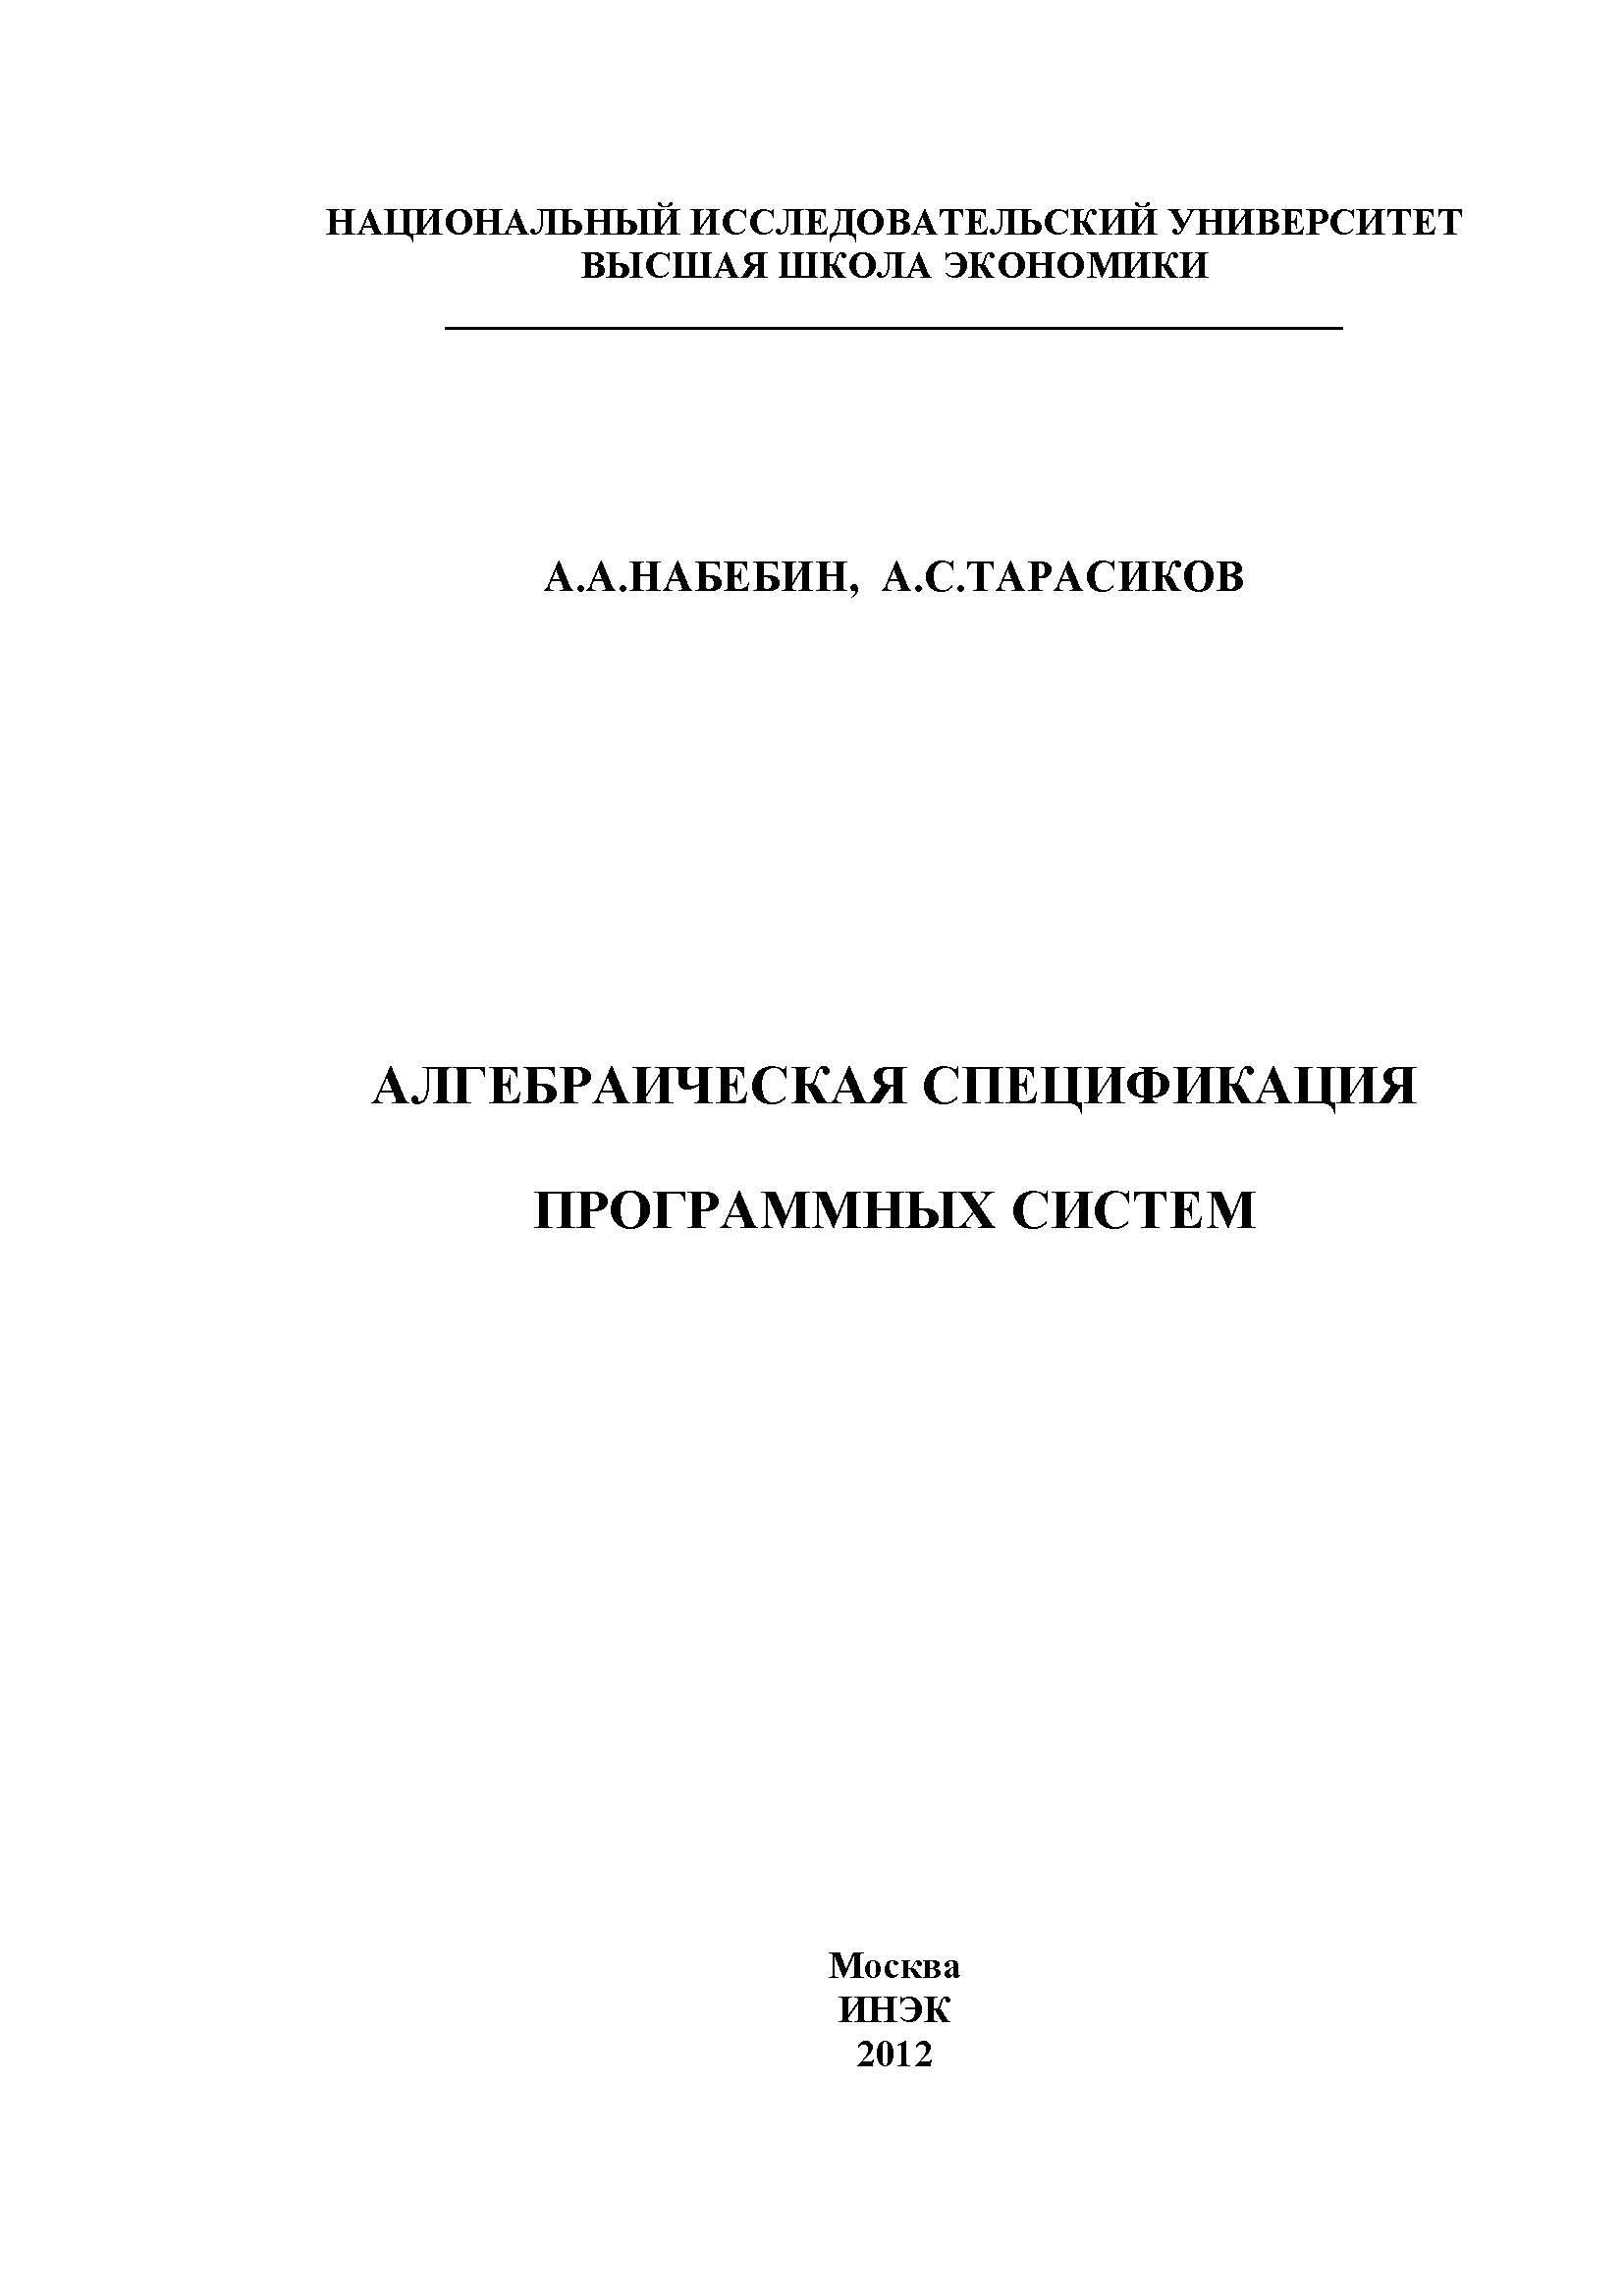 Алгебраическая спецификация программных систем